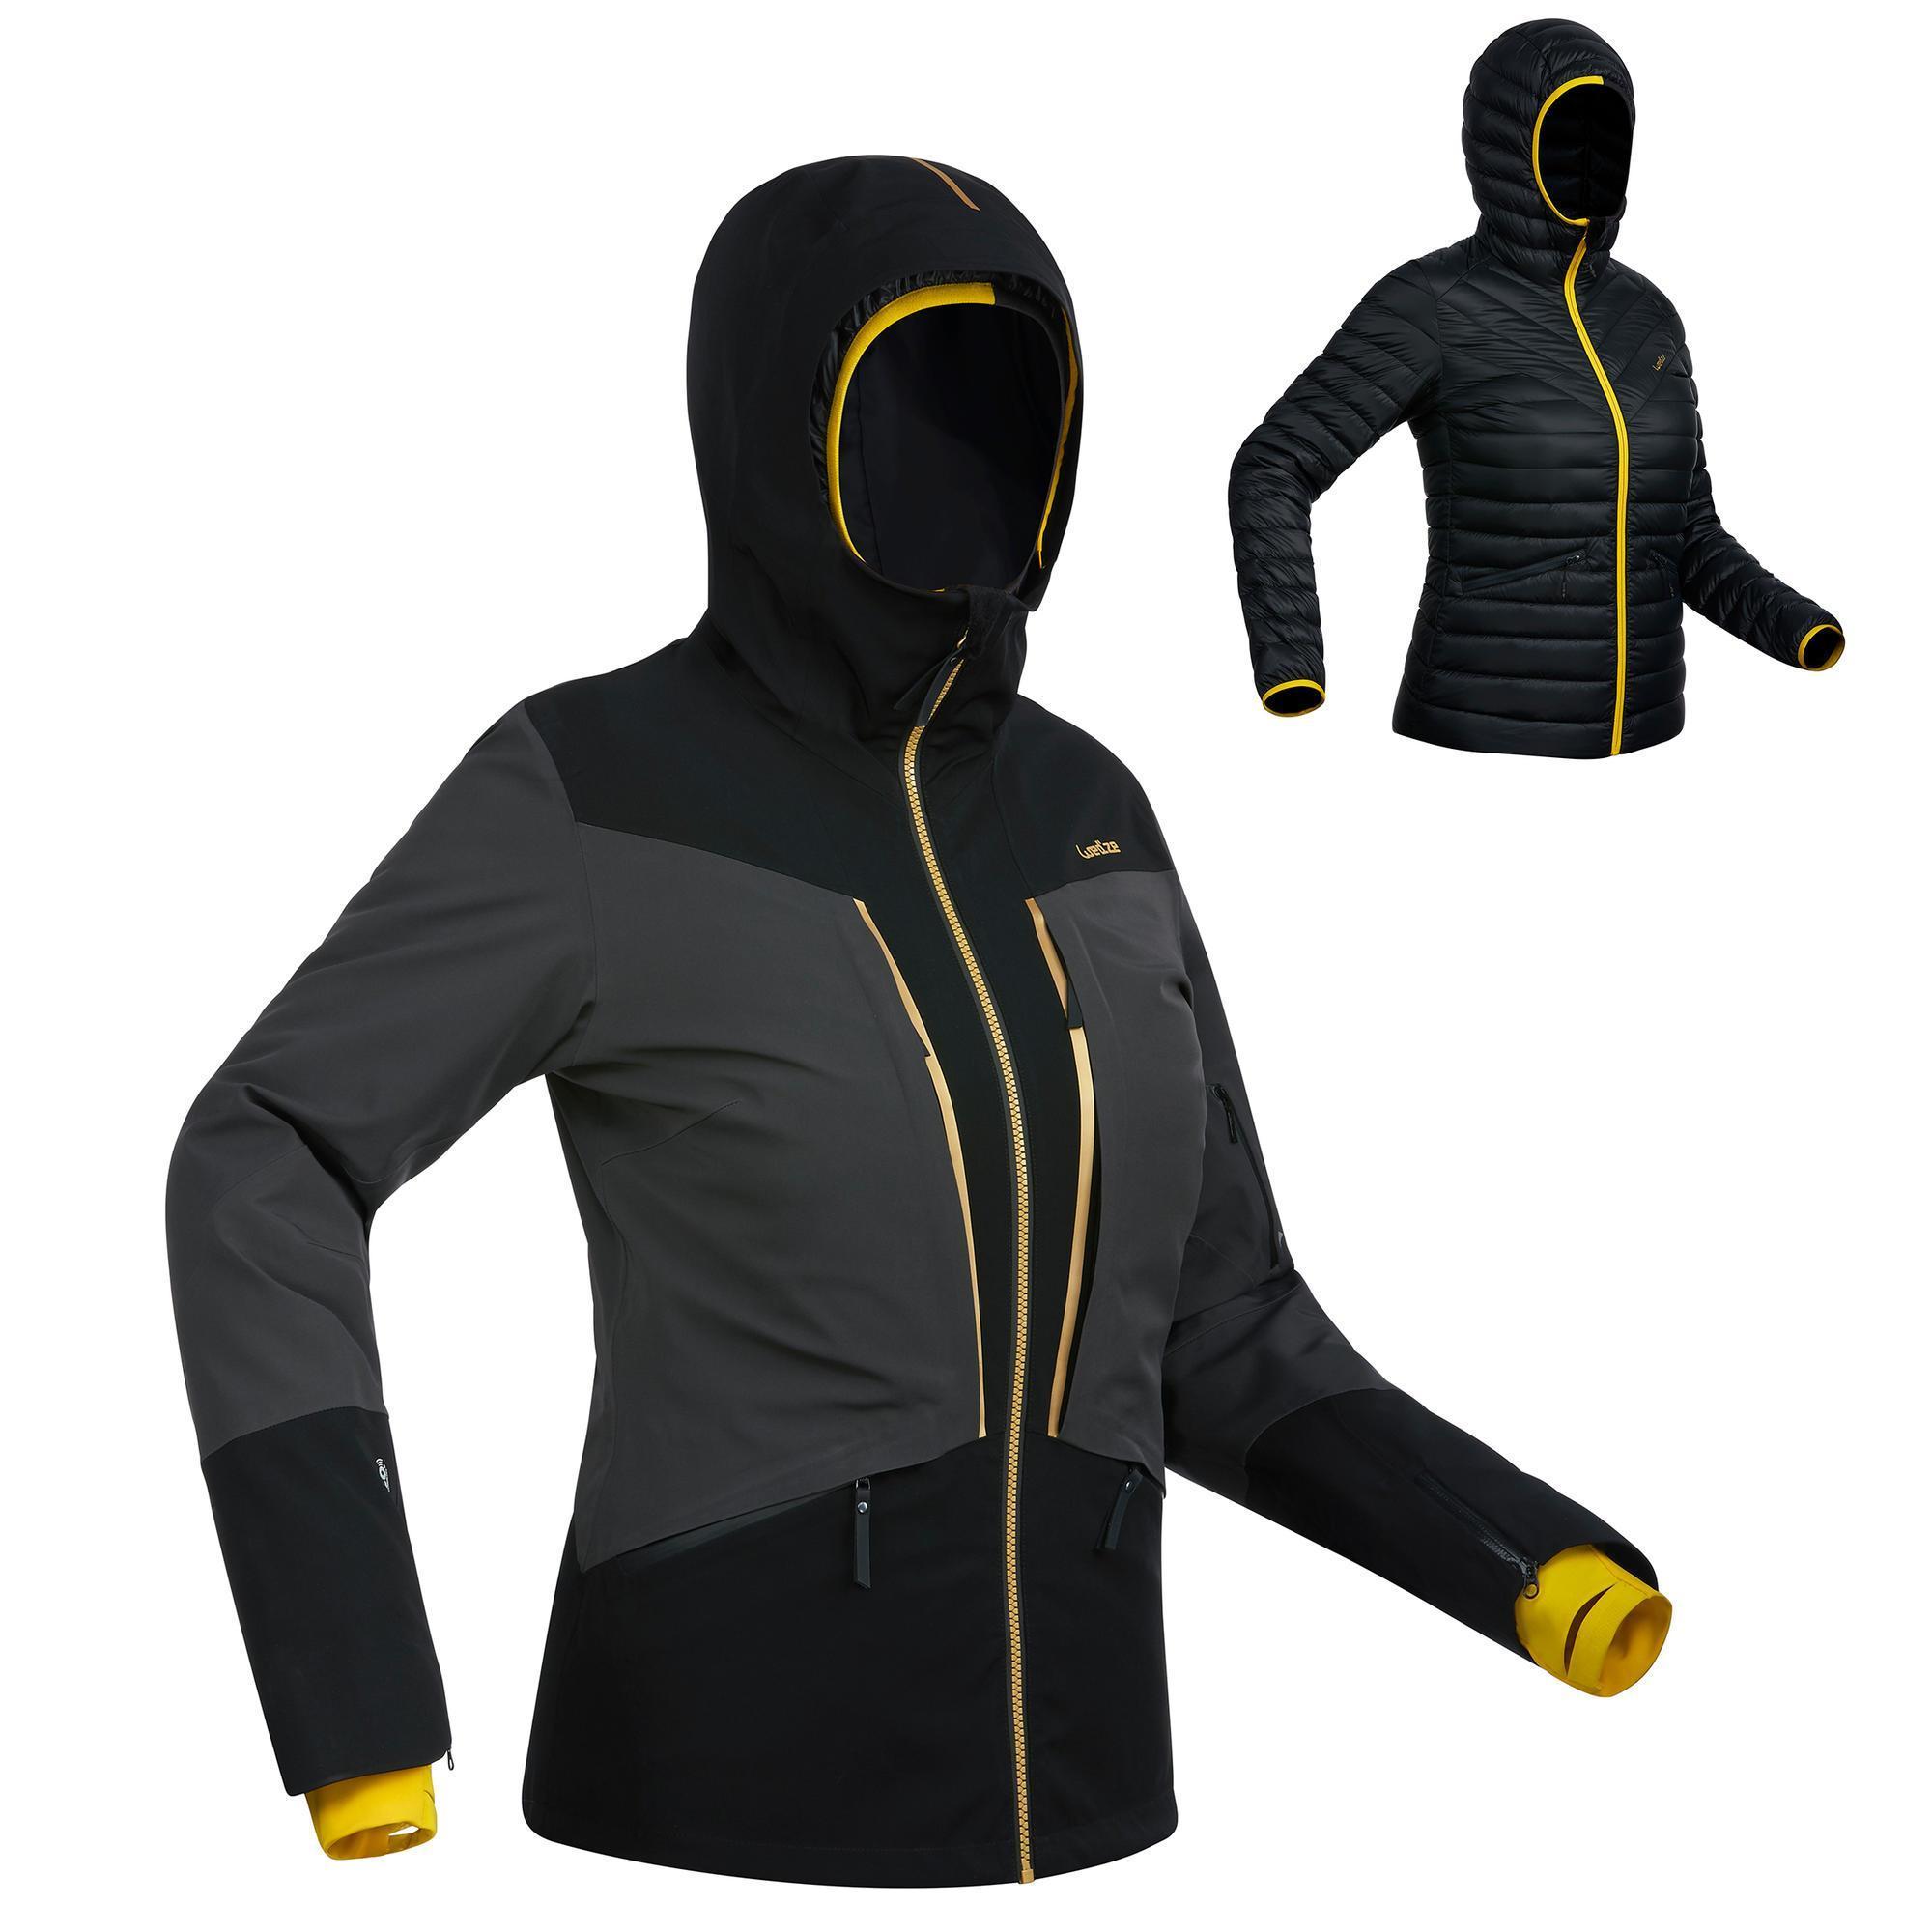 Skijacke Piste 900 Damen schwarz/grau | Sportbekleidung > Sportjacken > Skijacken | Grau - Schwarz | Wed´ze